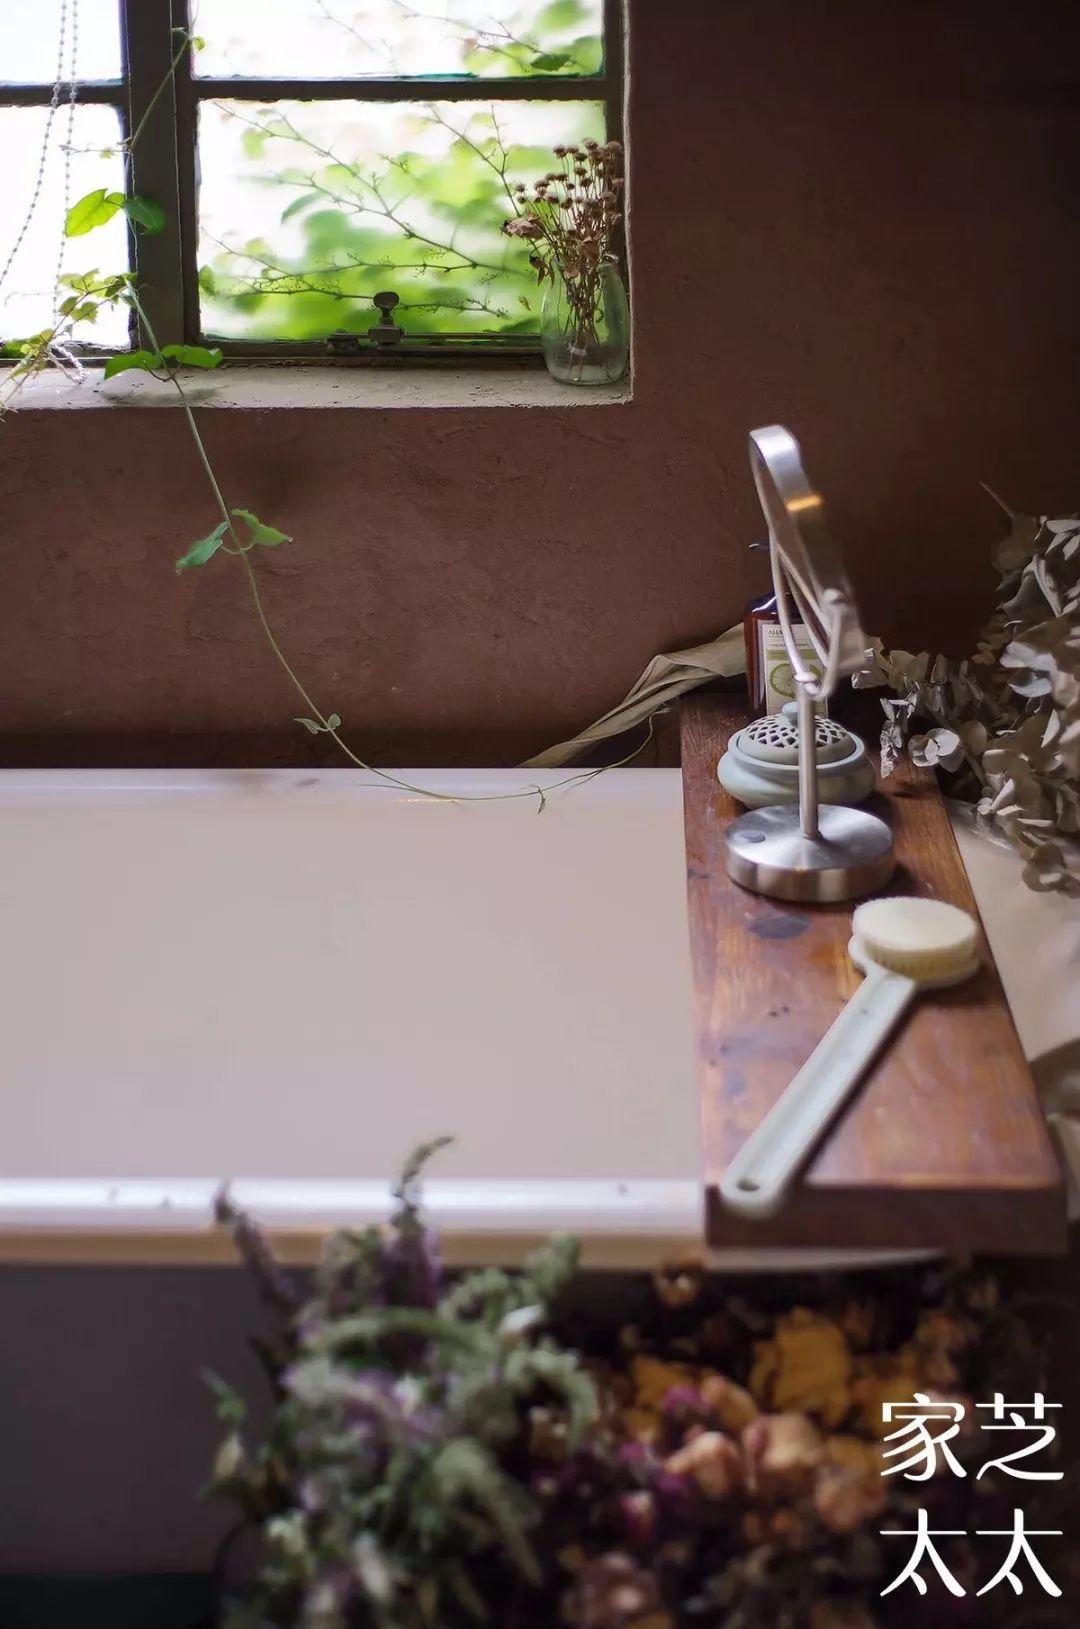 如何在家建一个1㎡的室内花园